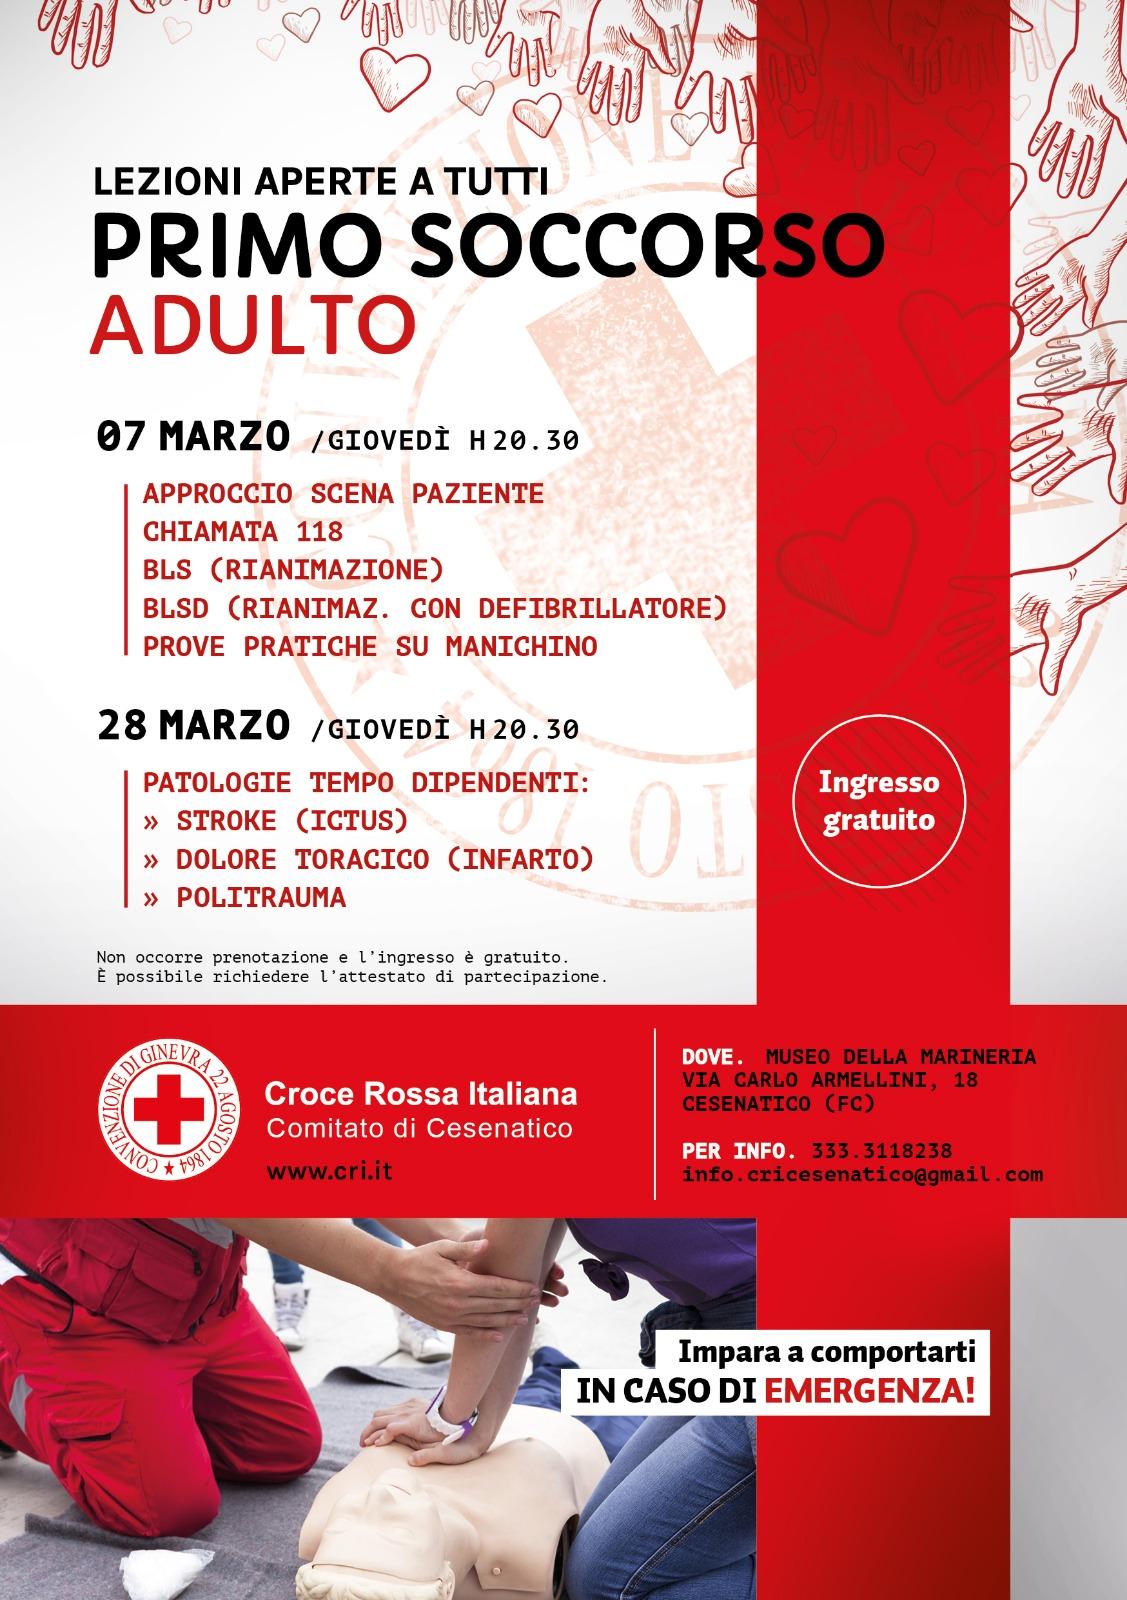 Lezioni di Primo Soccorso per la cittadinanza 2019 - Croce Rossa Italiana -  Comitato Locale di Cesenatico